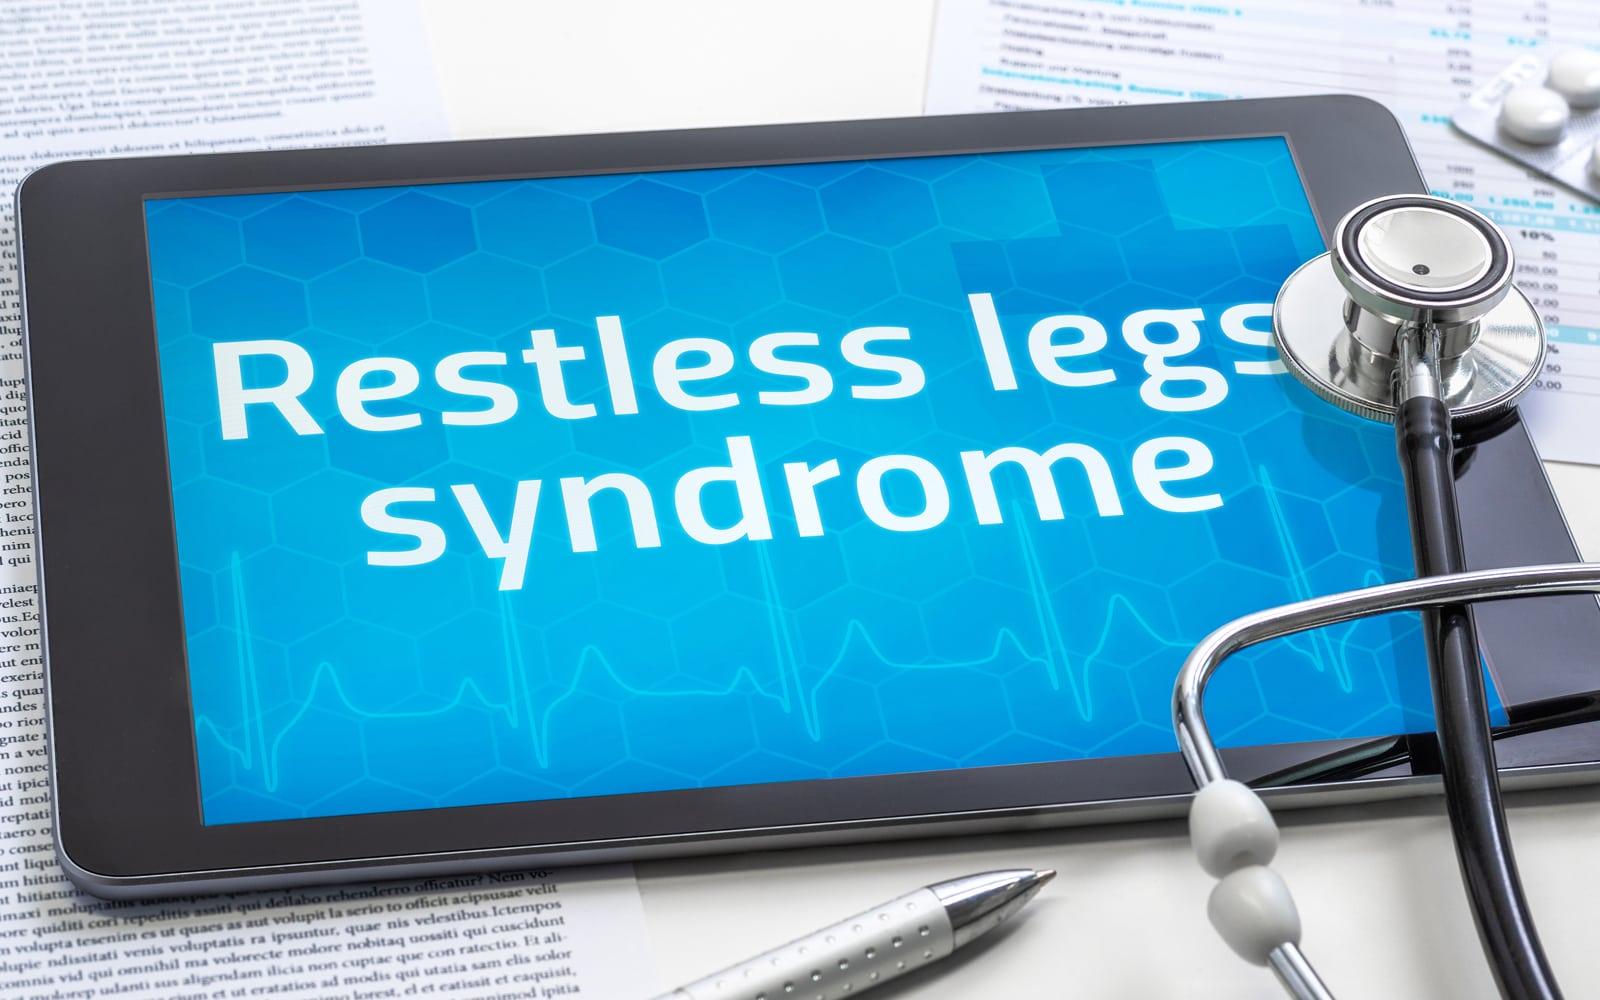 Restless legs Syndrom VEININNOVATIONS